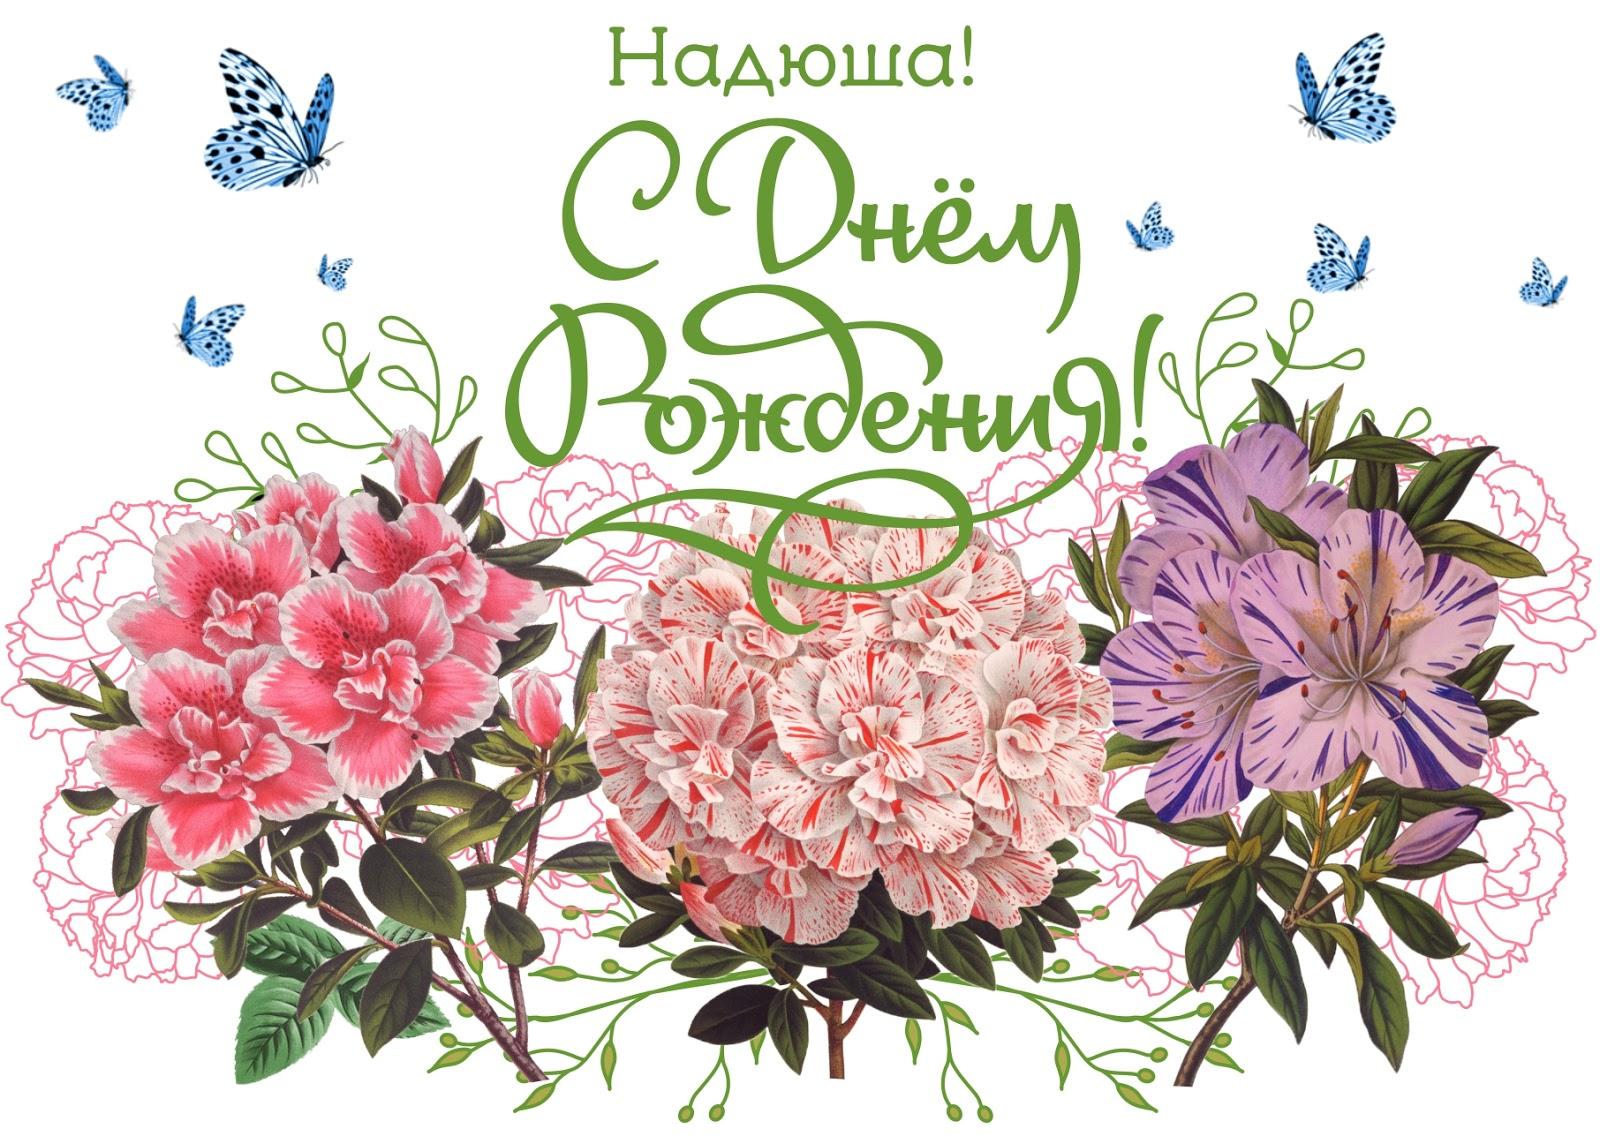 Картинка с днем рождения надежда михайловна, маленькие картинки красивые